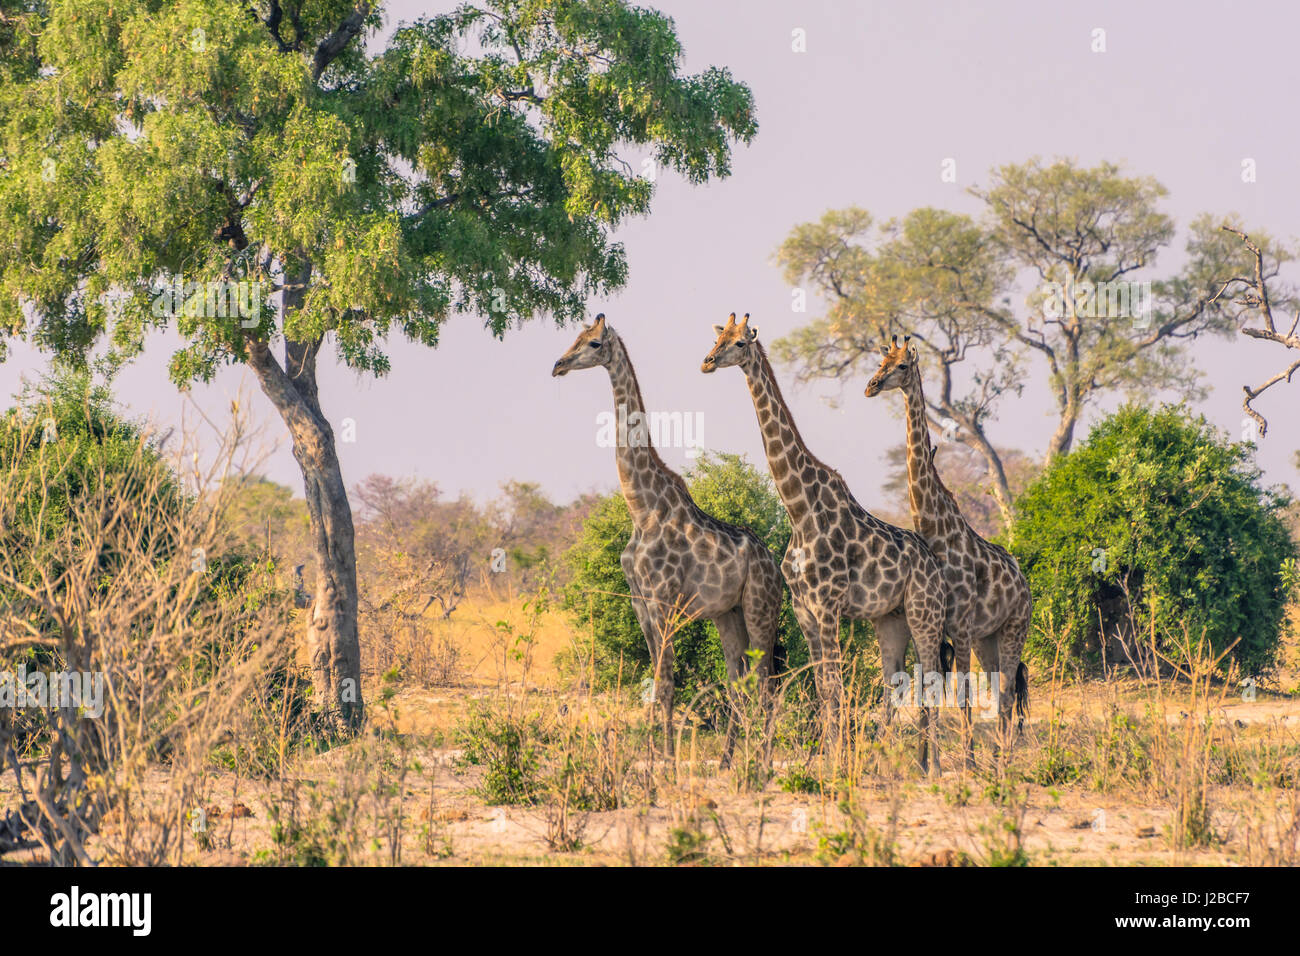 Botswana. Chobe National Park. Savuti. Giraffen aufmerksam beobachten einen versteckten Löwen im Busch. Stockbild